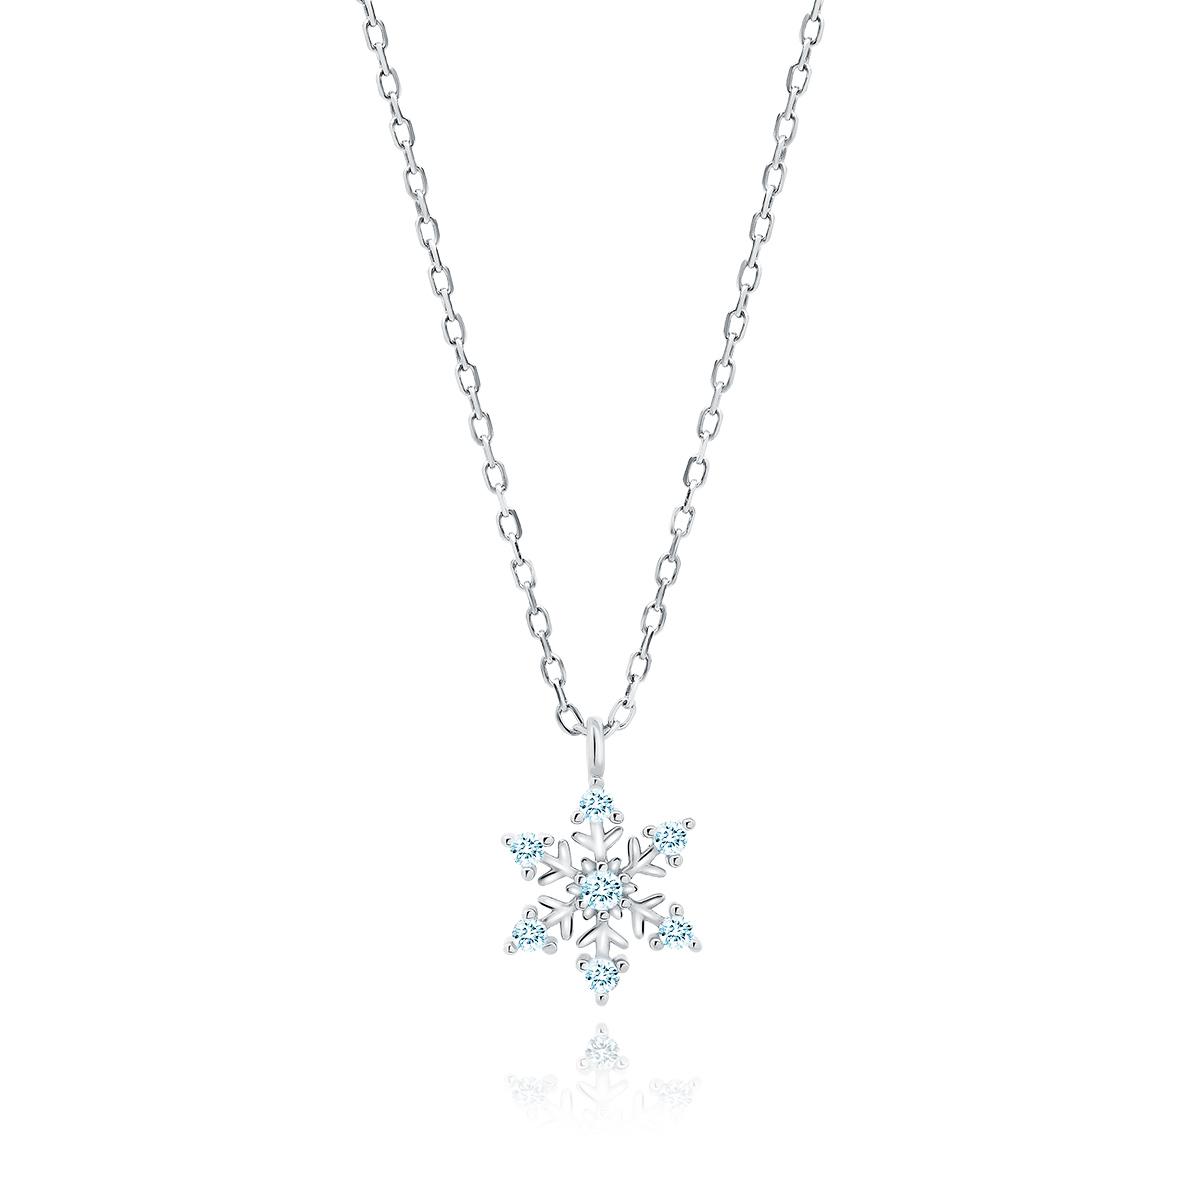 OLIVIE Strieborný náhrdelník MODRÁ SNEHOVÁ VLOČKA 5278 Ag 925; ≤1,6 g.